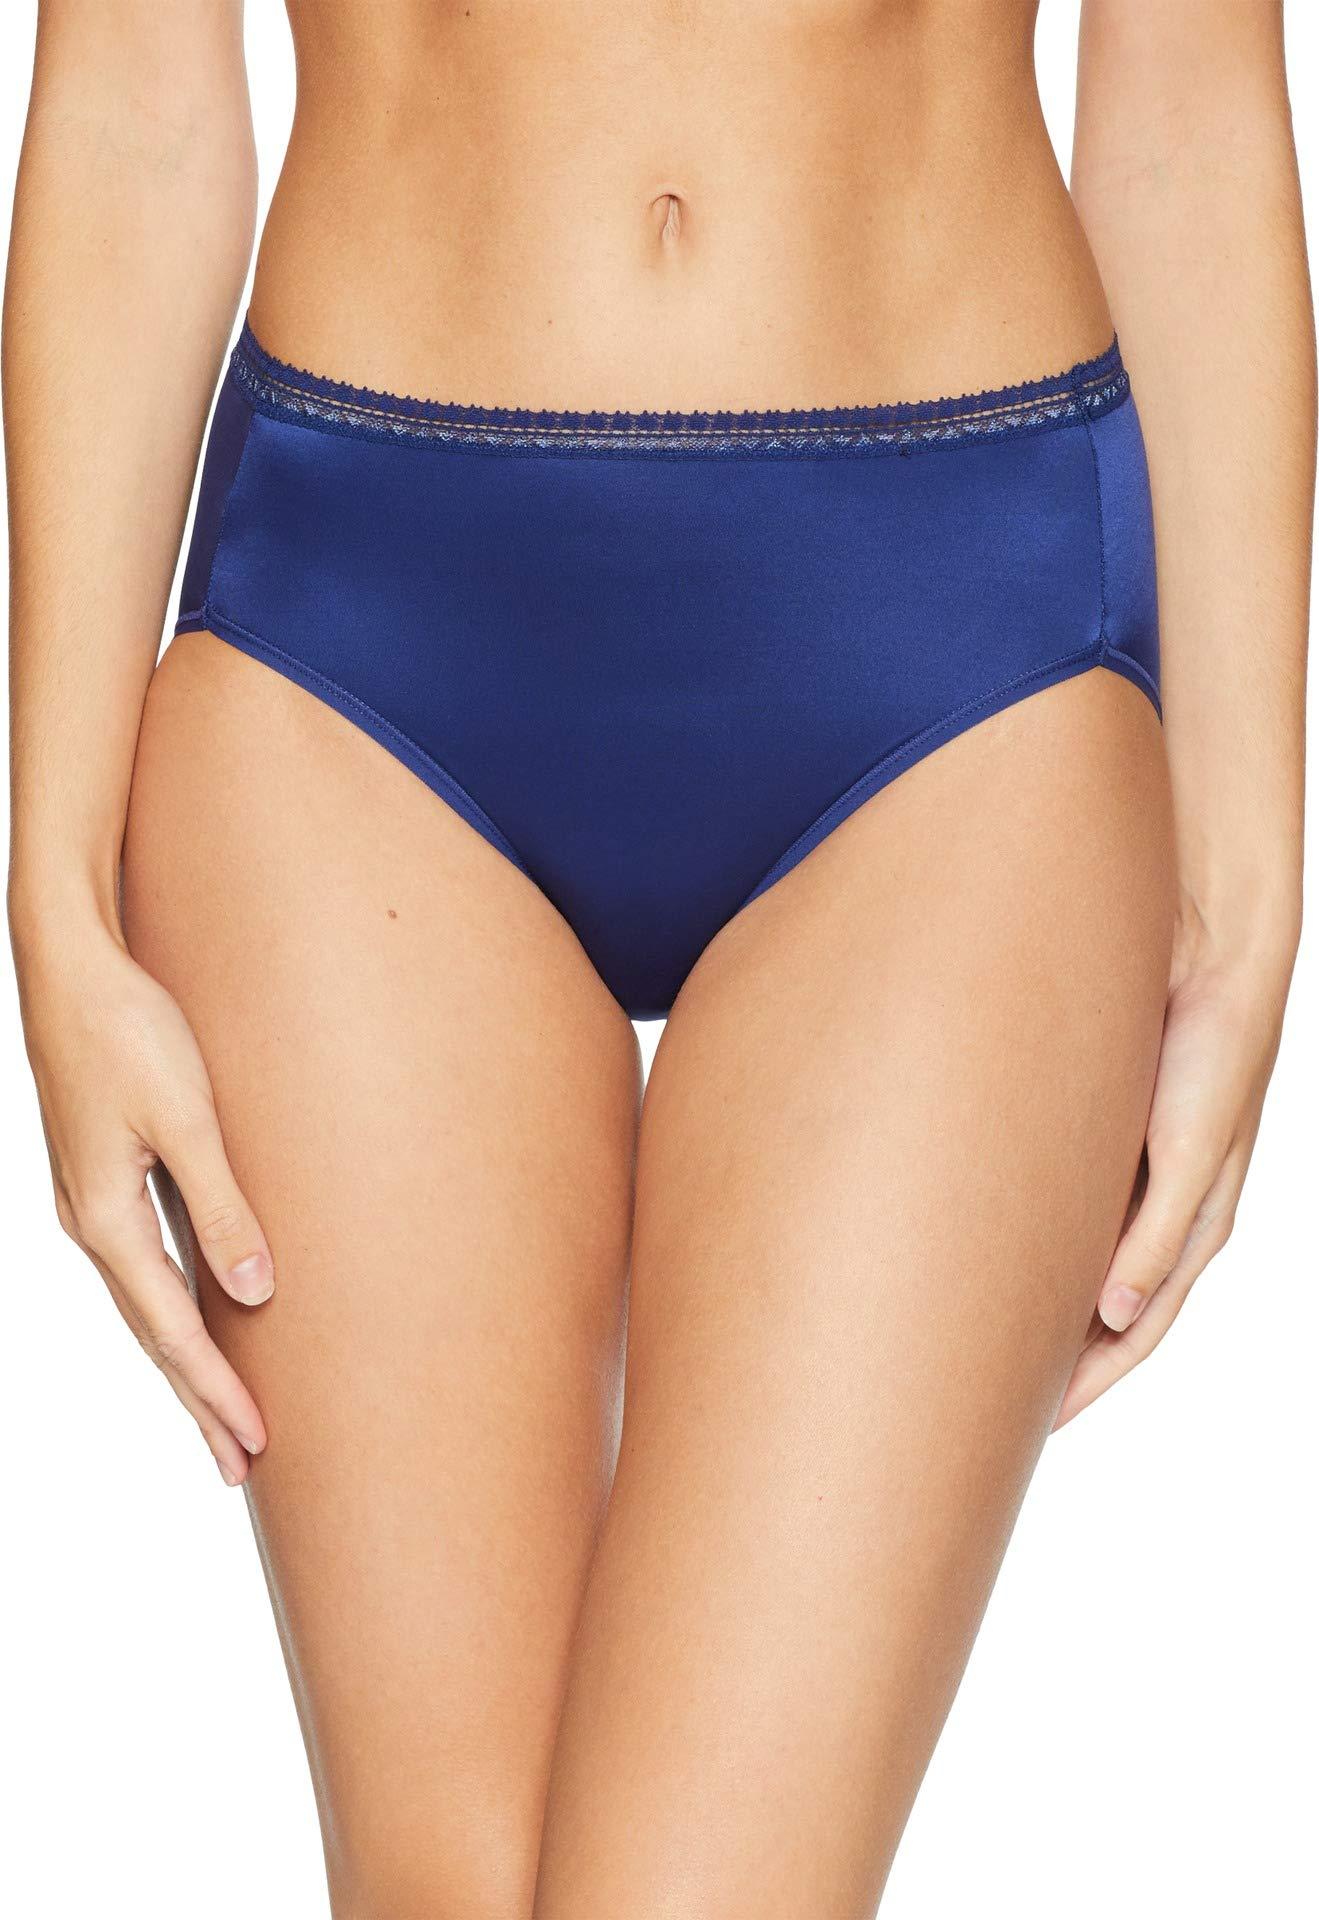 7a99b1a7841 Galleon - Wacoal Women's Perfect Primer Hi Cut Brief Panty, Blueprint, L